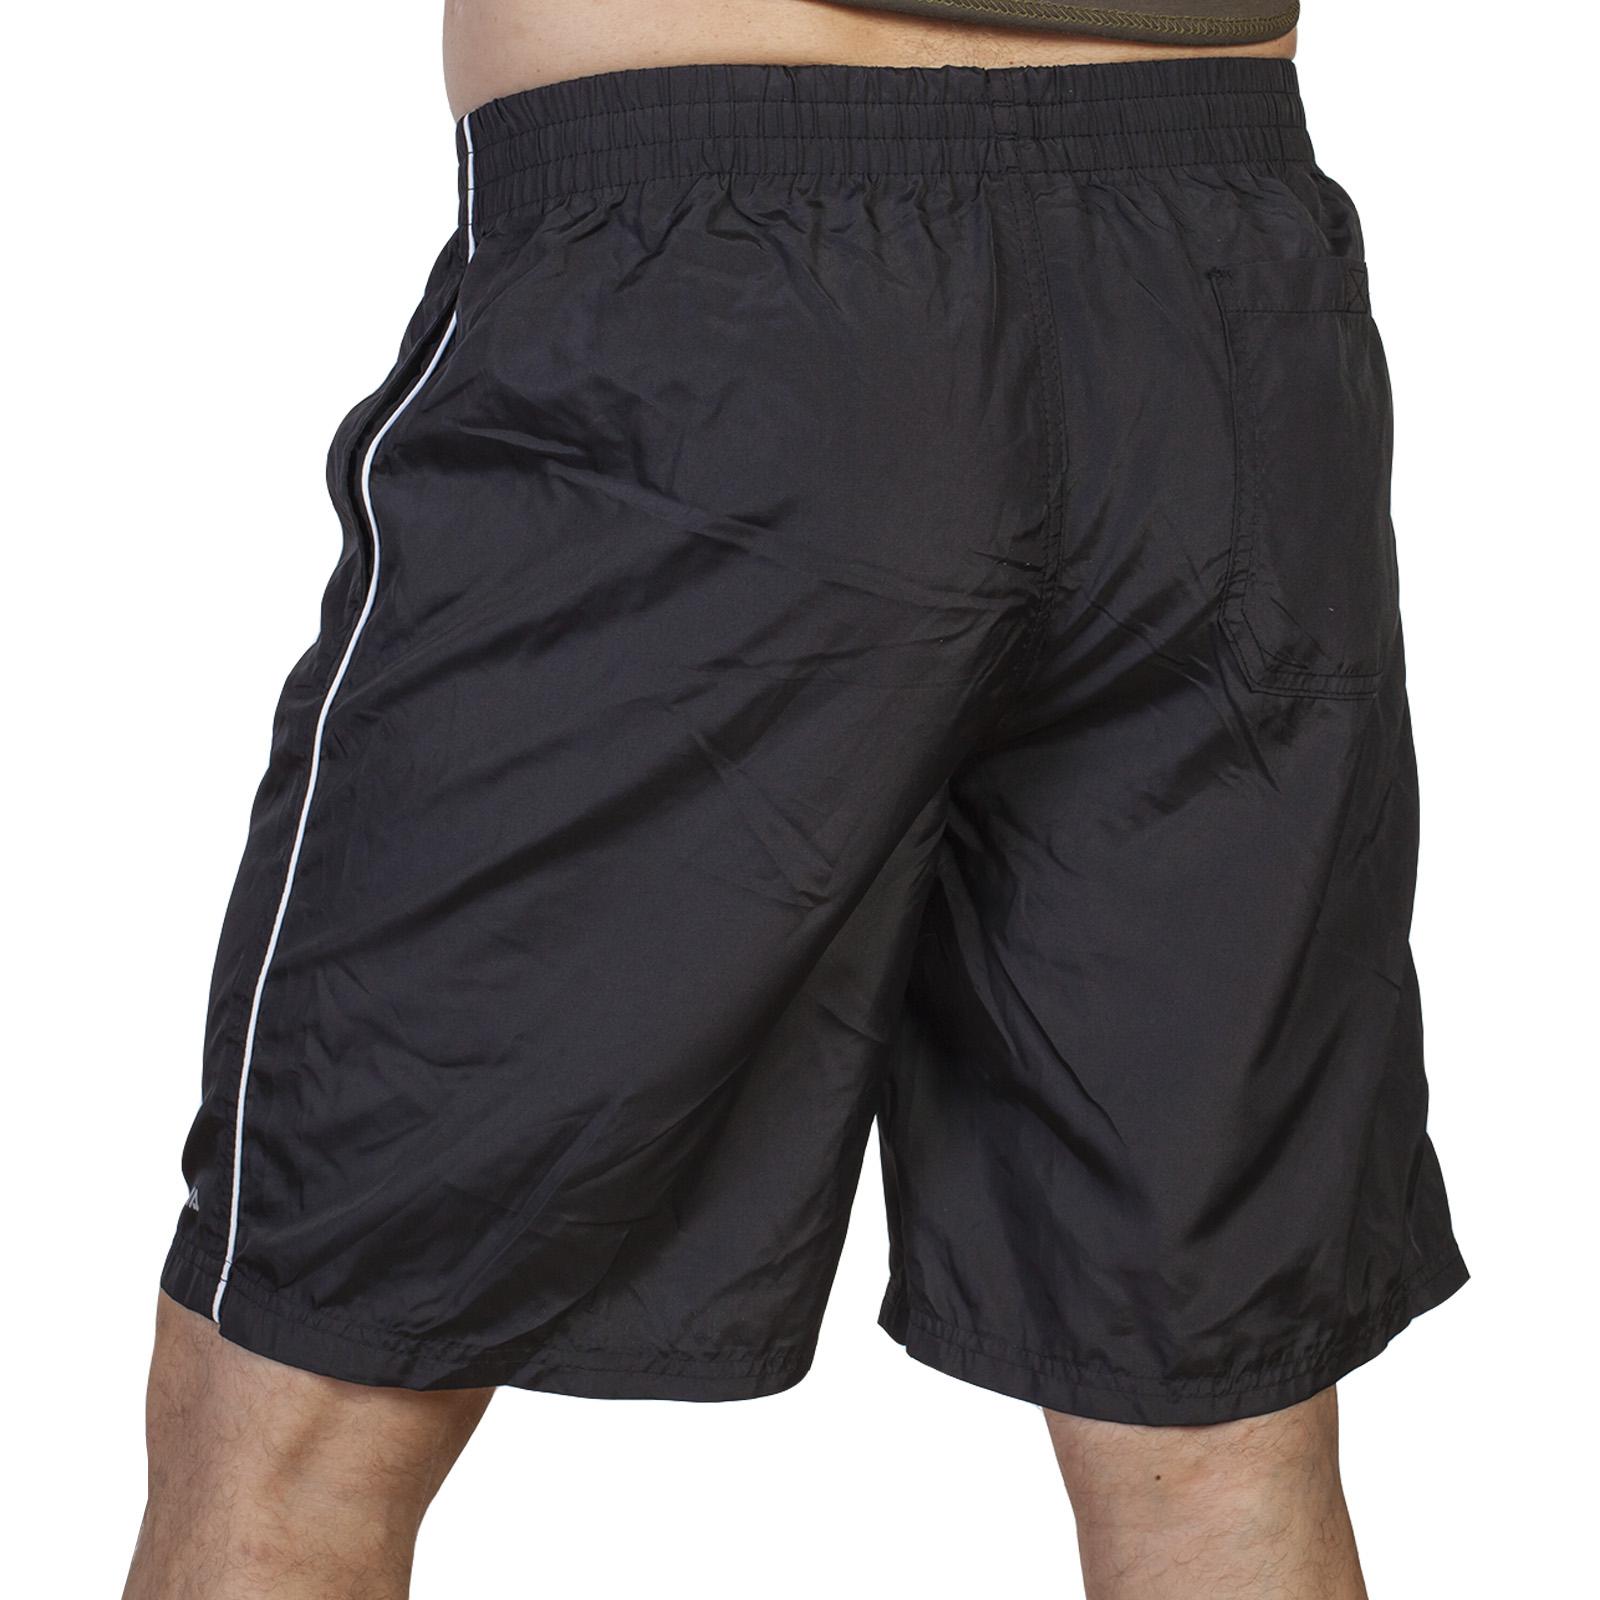 Недорогие мужские шорты на любой вкус и кошелек – наличие!